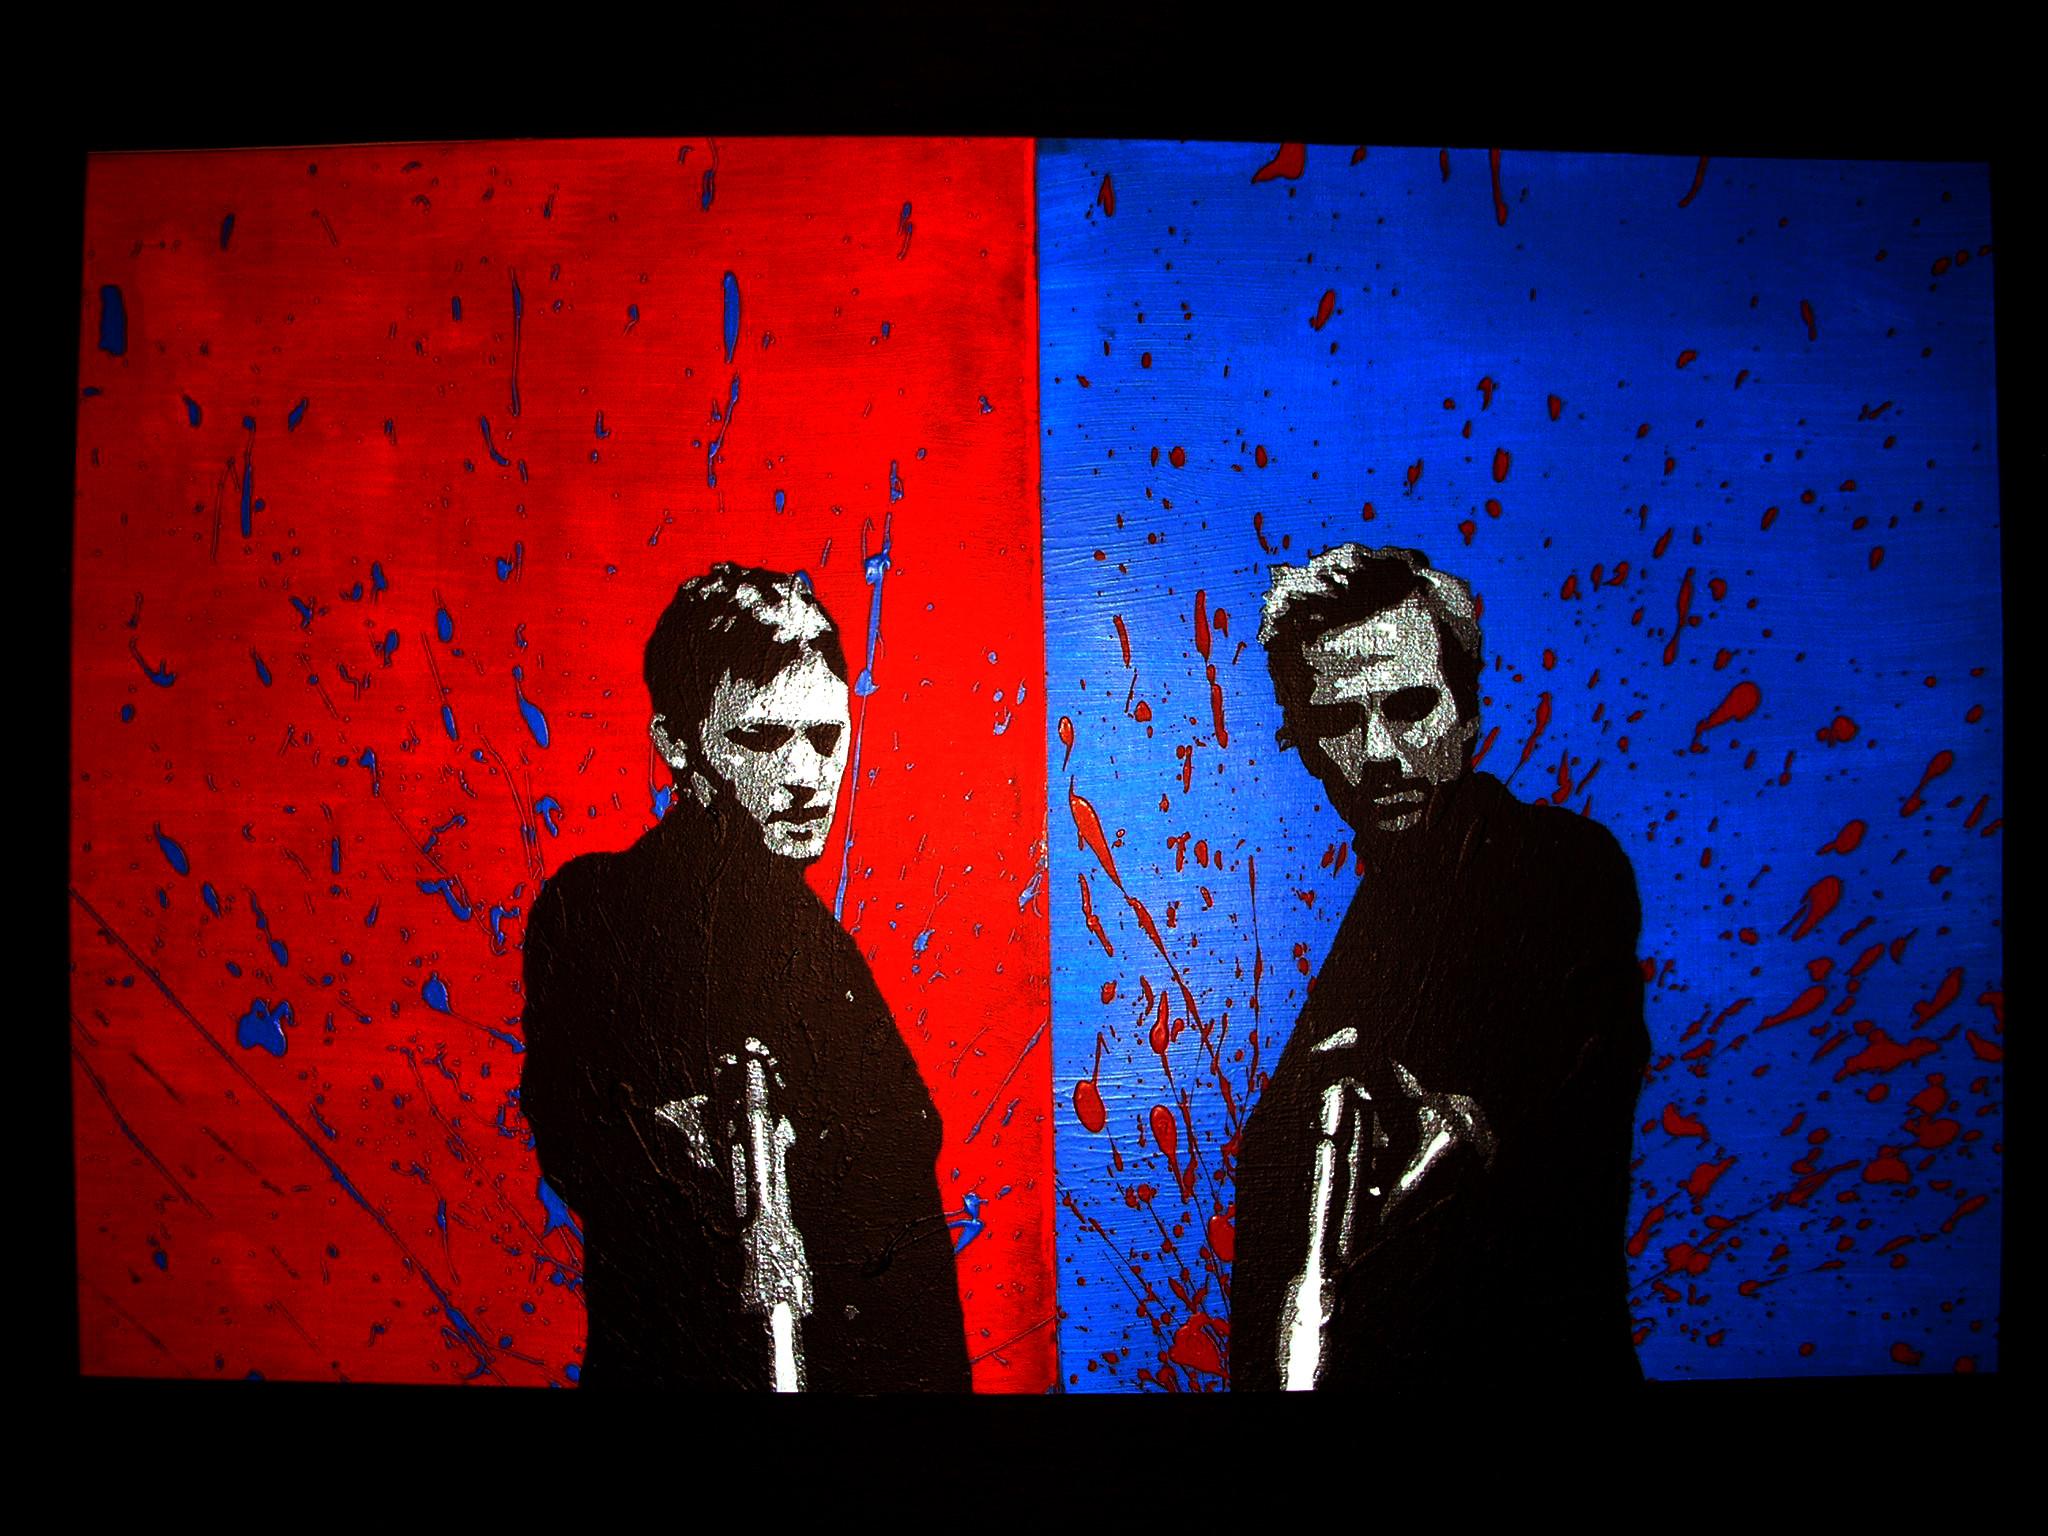 Boondock Saints Wallpapers, Photos, Desktop, Movie, Actors Wallpapers